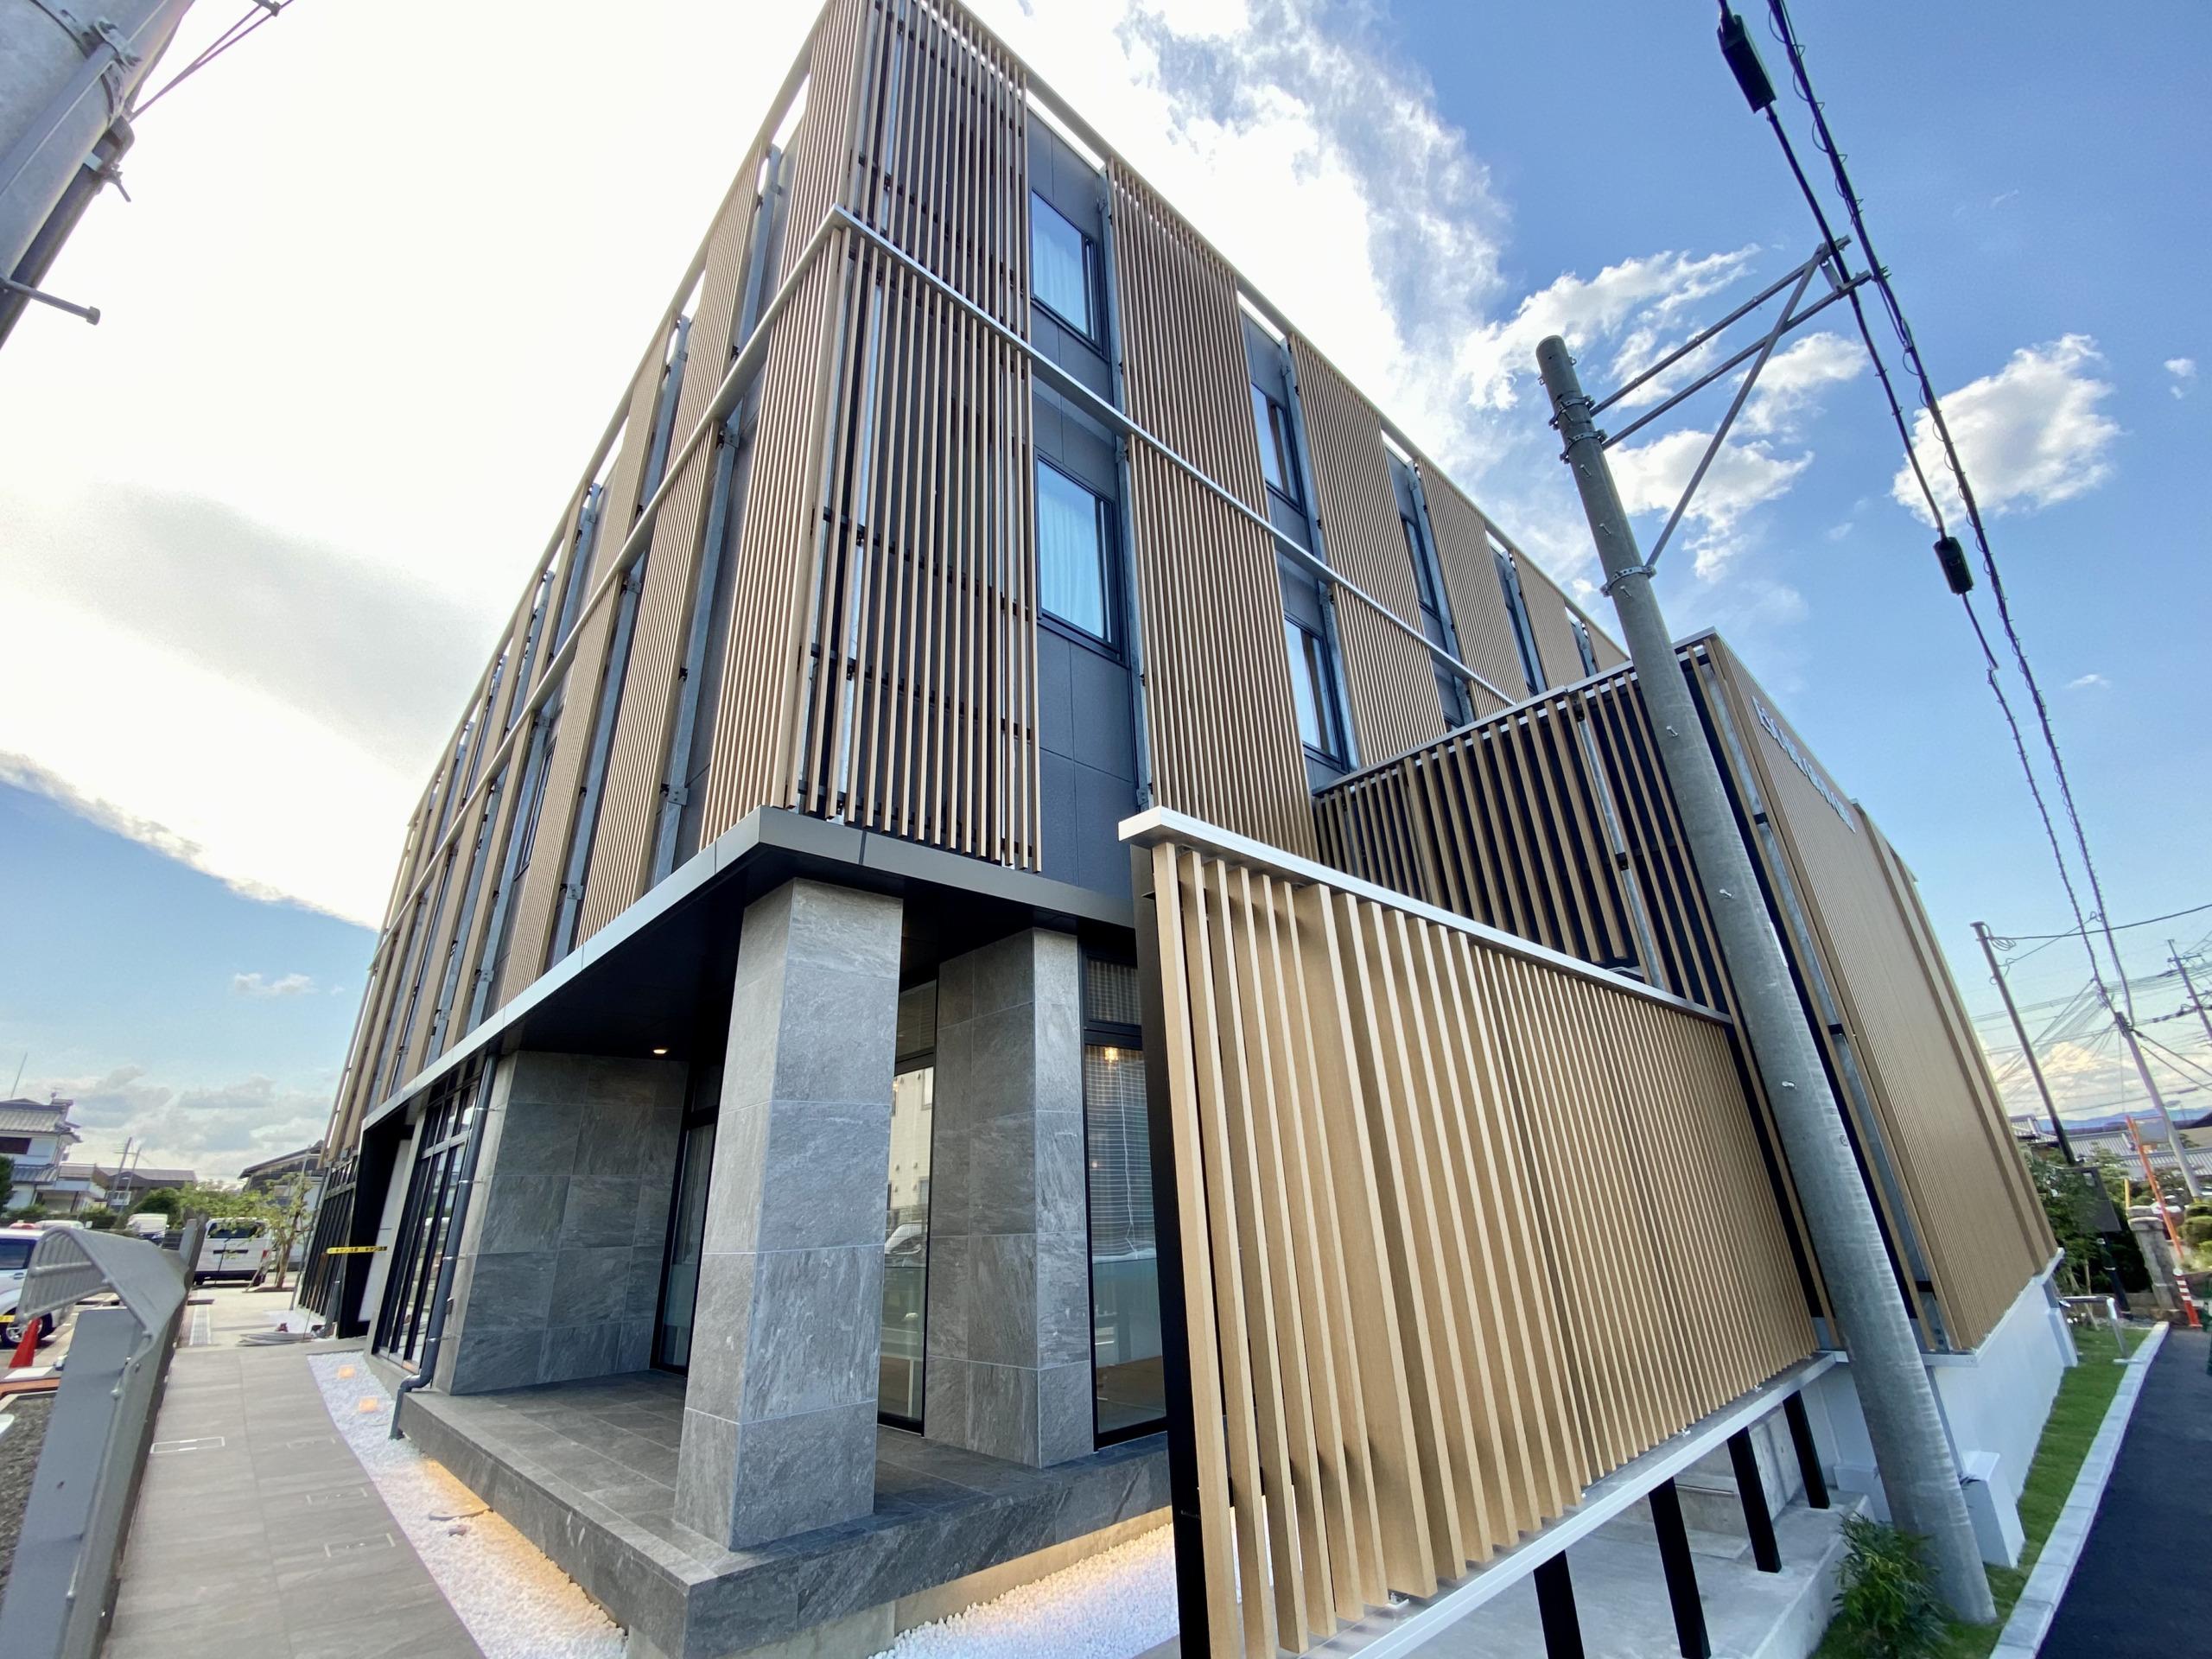 新しいコンセプトの新施設「エスケア グランシェフ草津」が竣工しました。